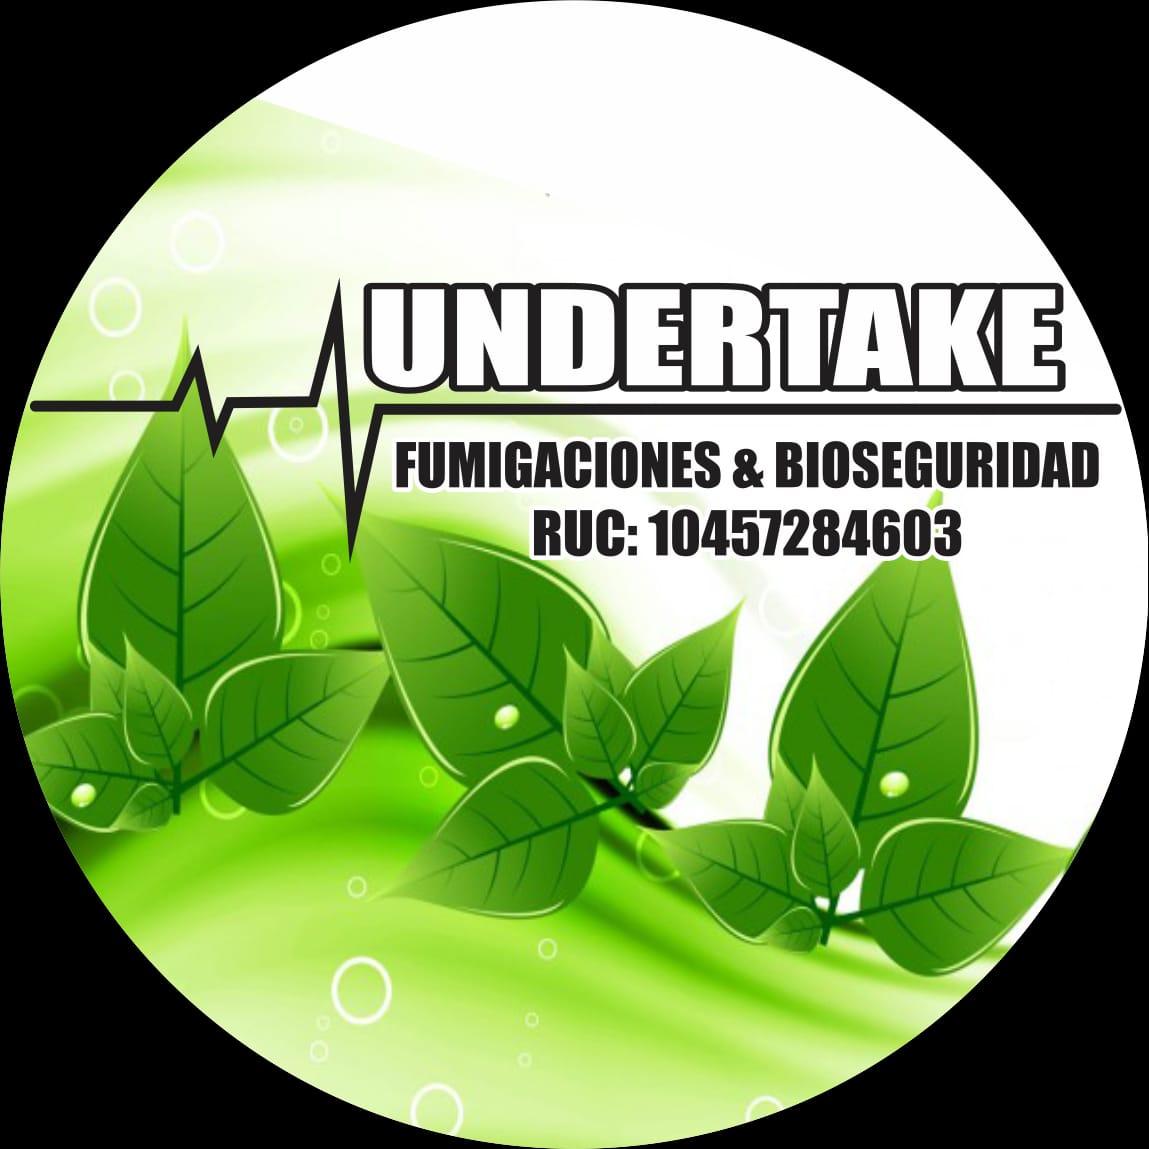 Fumigaciones & bioseguridad Undertake